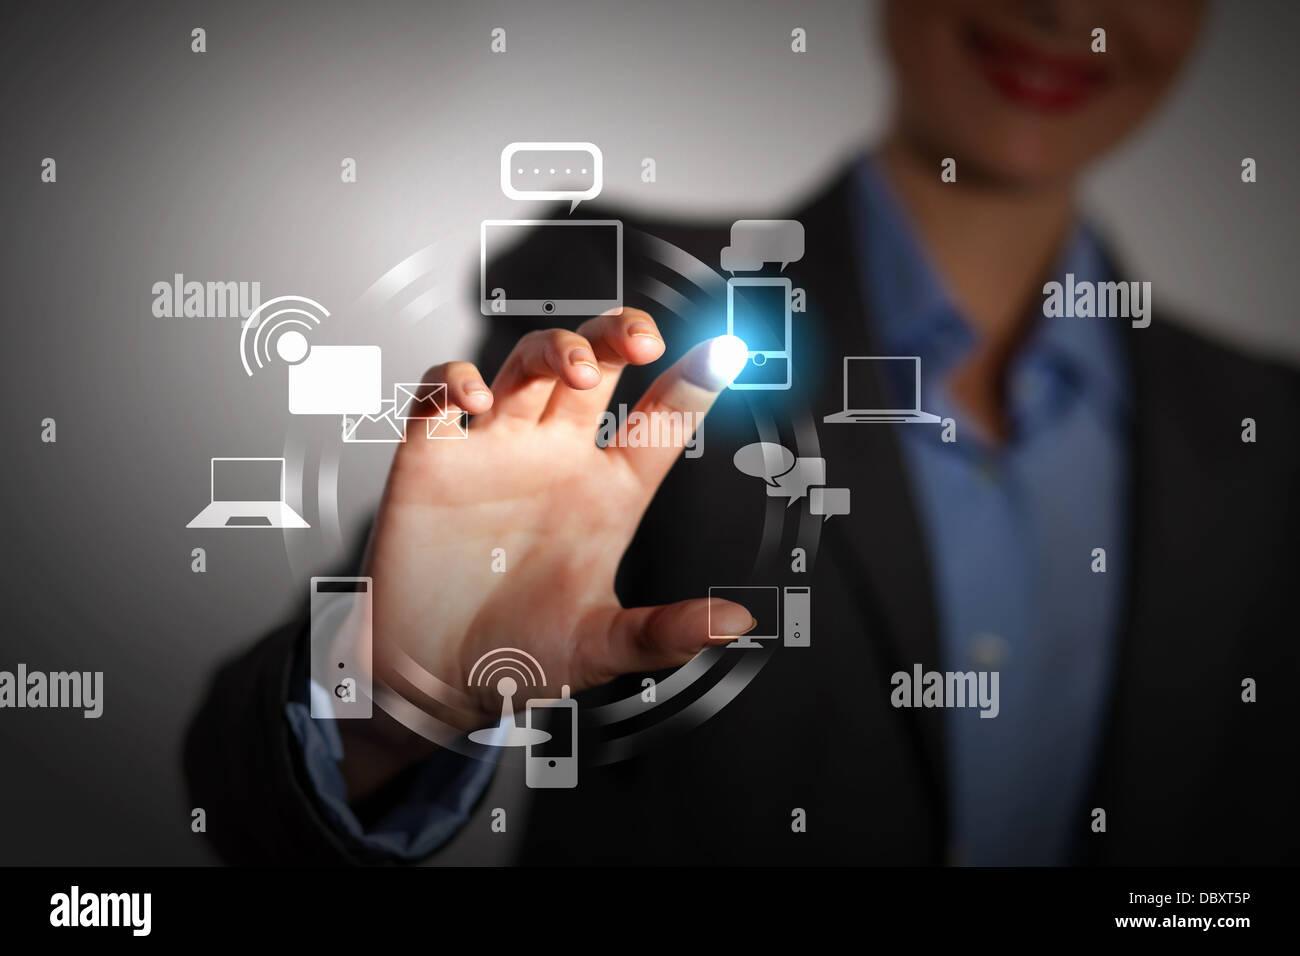 Pousser à la main sur un écran tactile Photo Stock